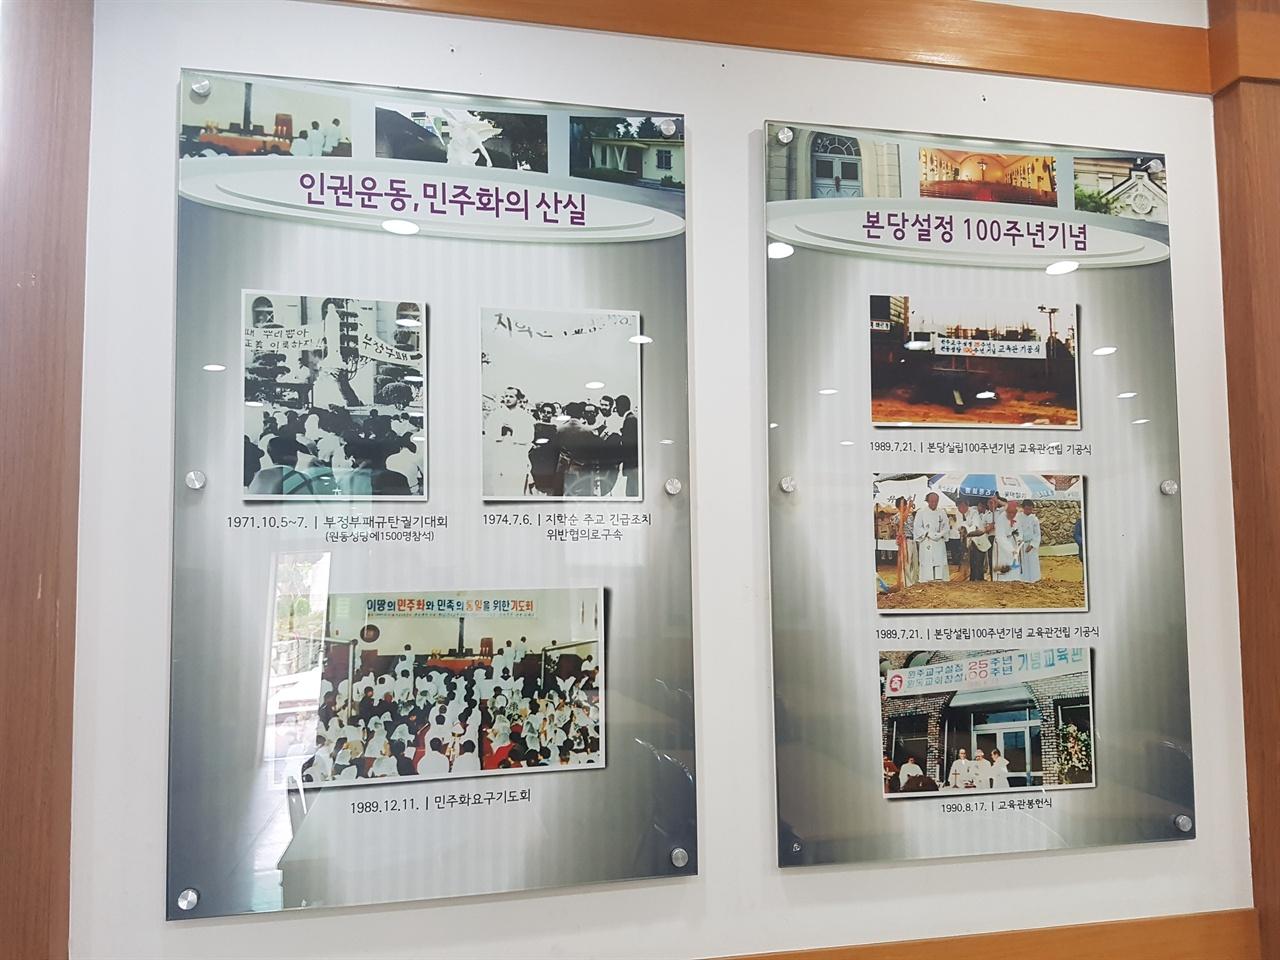 원동성당 역사기념실에 게시된 원동성당의 인권운동, 민주화운동의 역사.